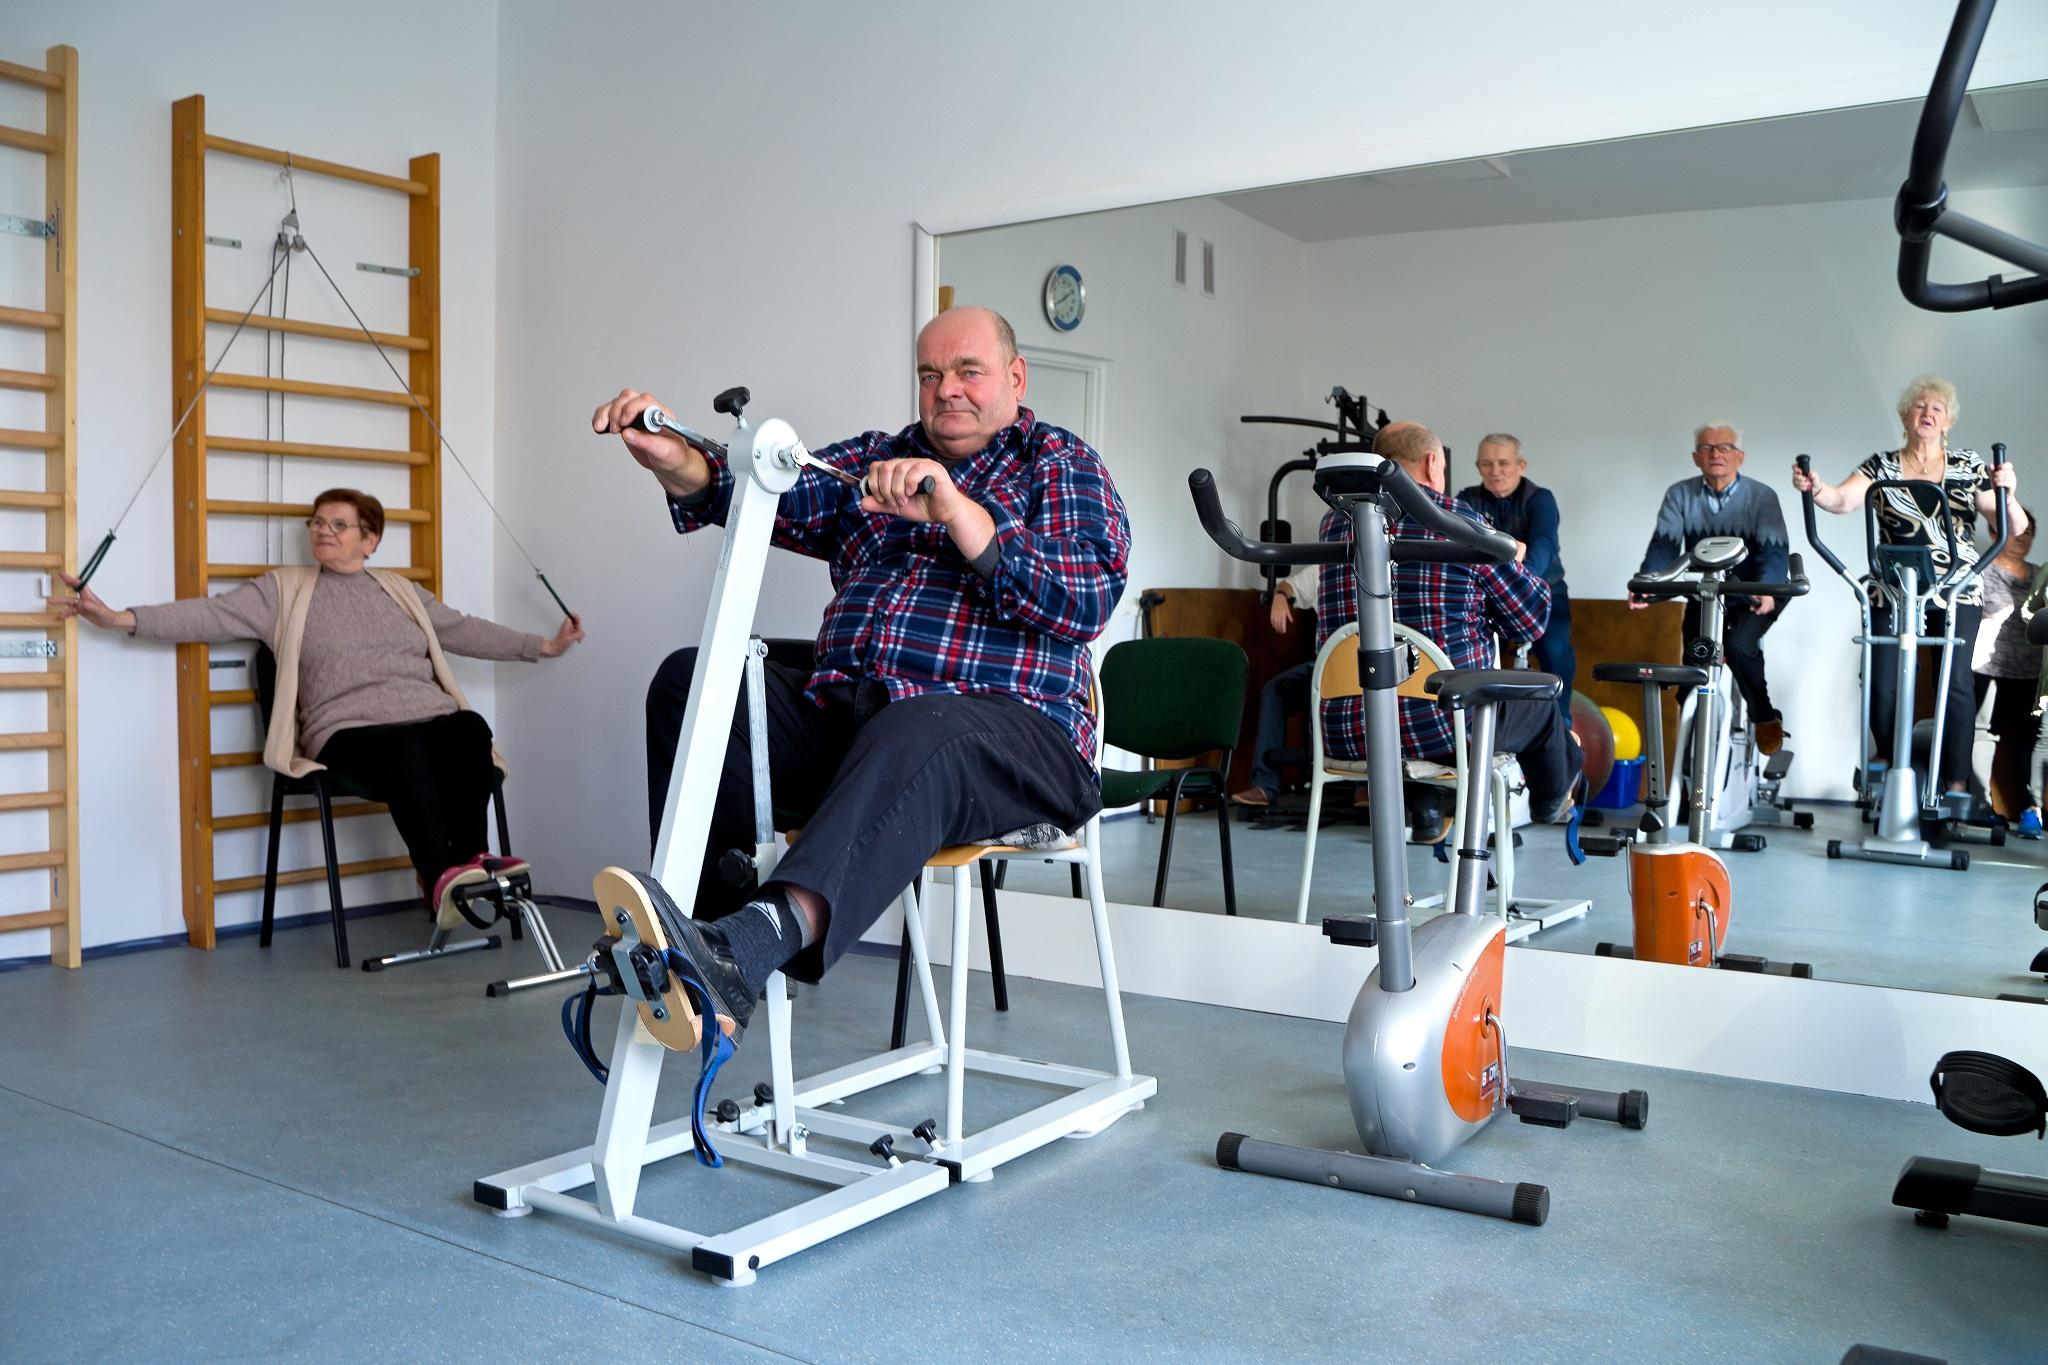 Sala zajęć ruchowych, na pierwszym planie mężczyzna ćwiczący na rowerze rehabilitacyjnym, w tle kobieta siedząca przy drabinkach w trakcie ćwiczeń rehabilitacyjnych, w lustrze na ścianie widać inne osoby ćwiczące na rowerach rehabilitacyjnych